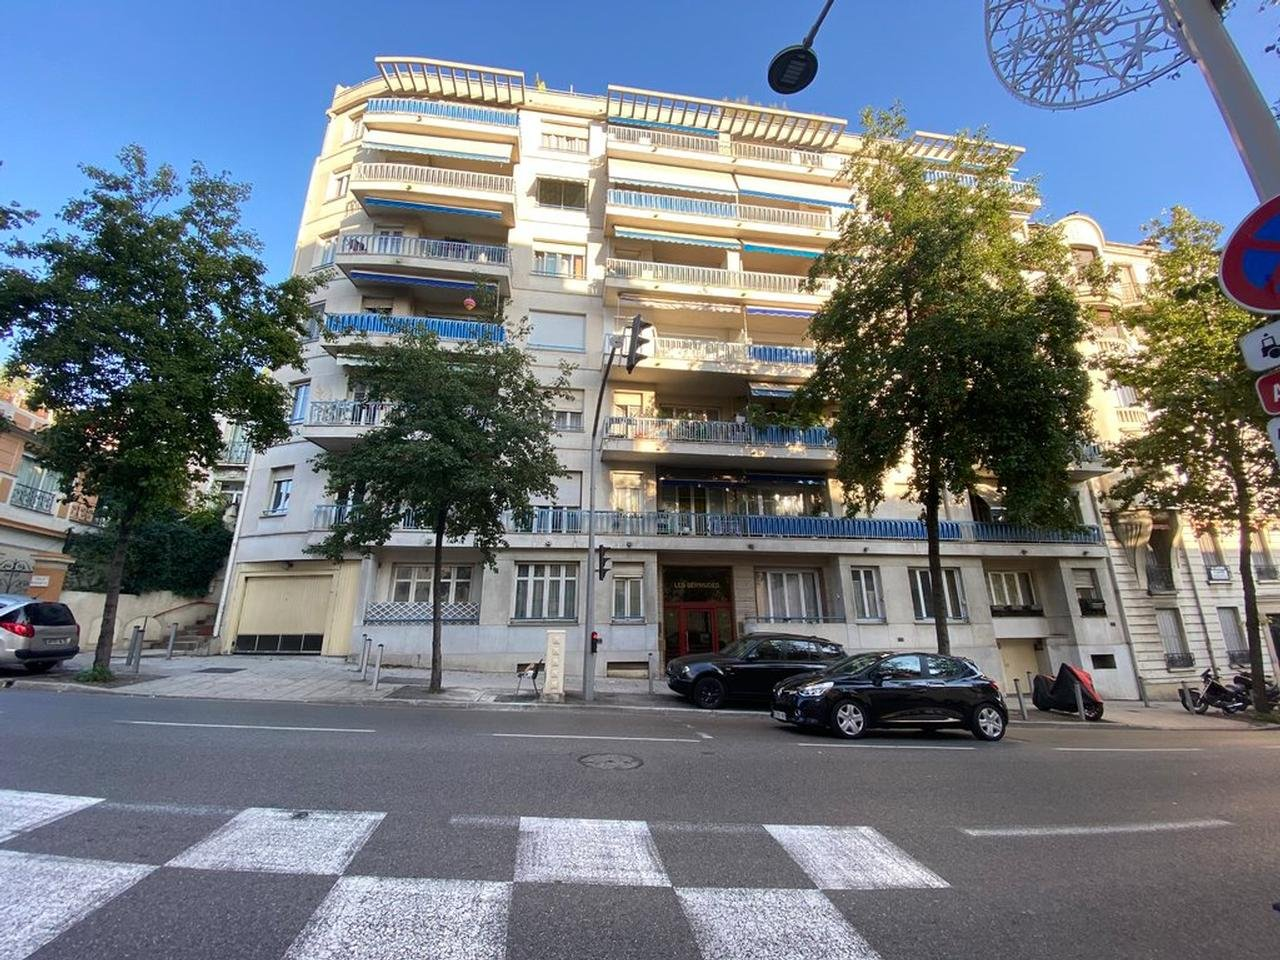 Vendita Appartamento - Nizza (Nice) Cessole